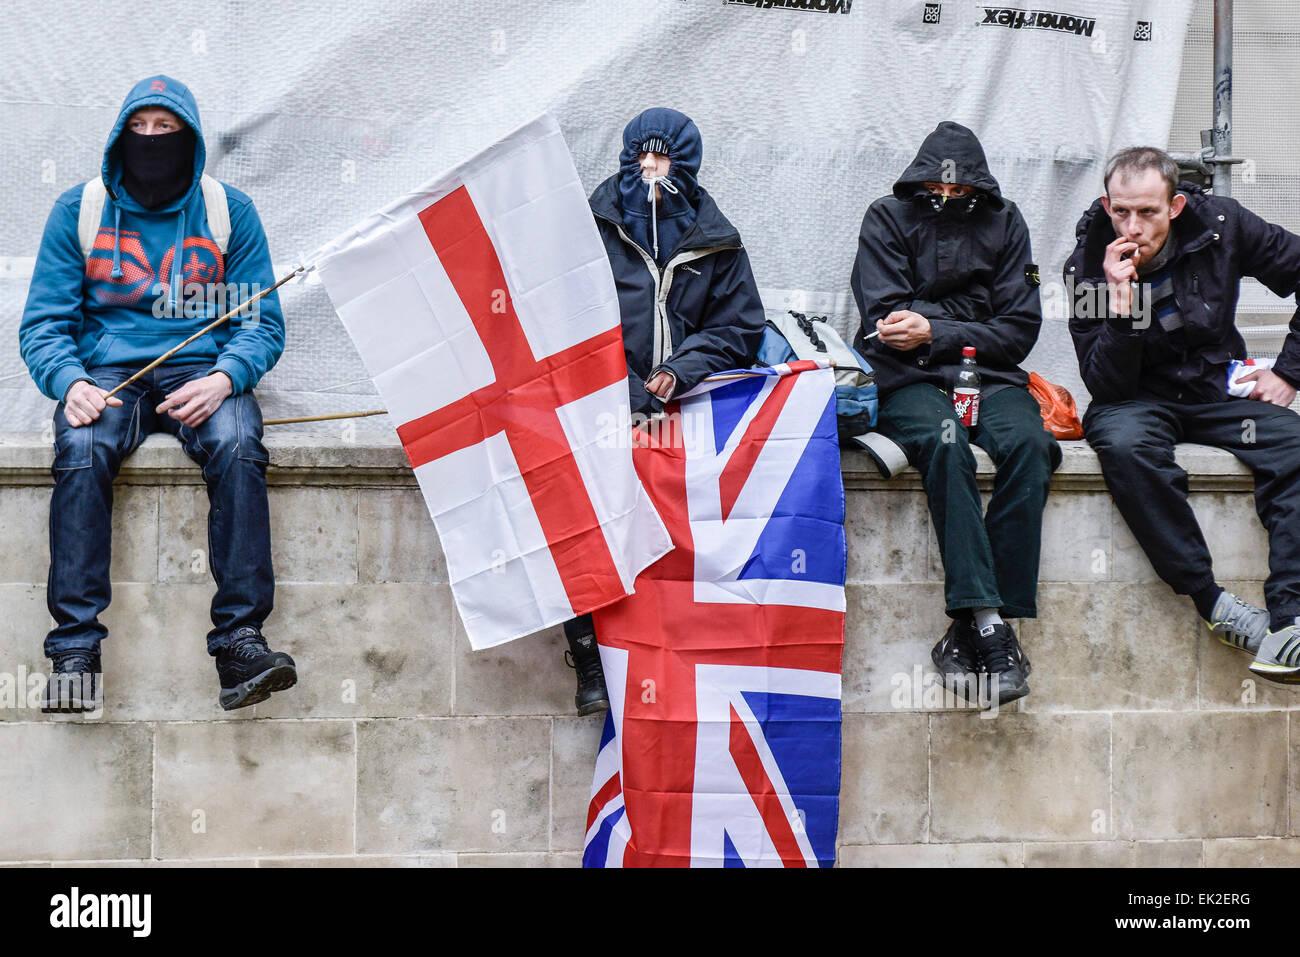 Les partisans de l'Pergida dans Whitehall. Photo Stock